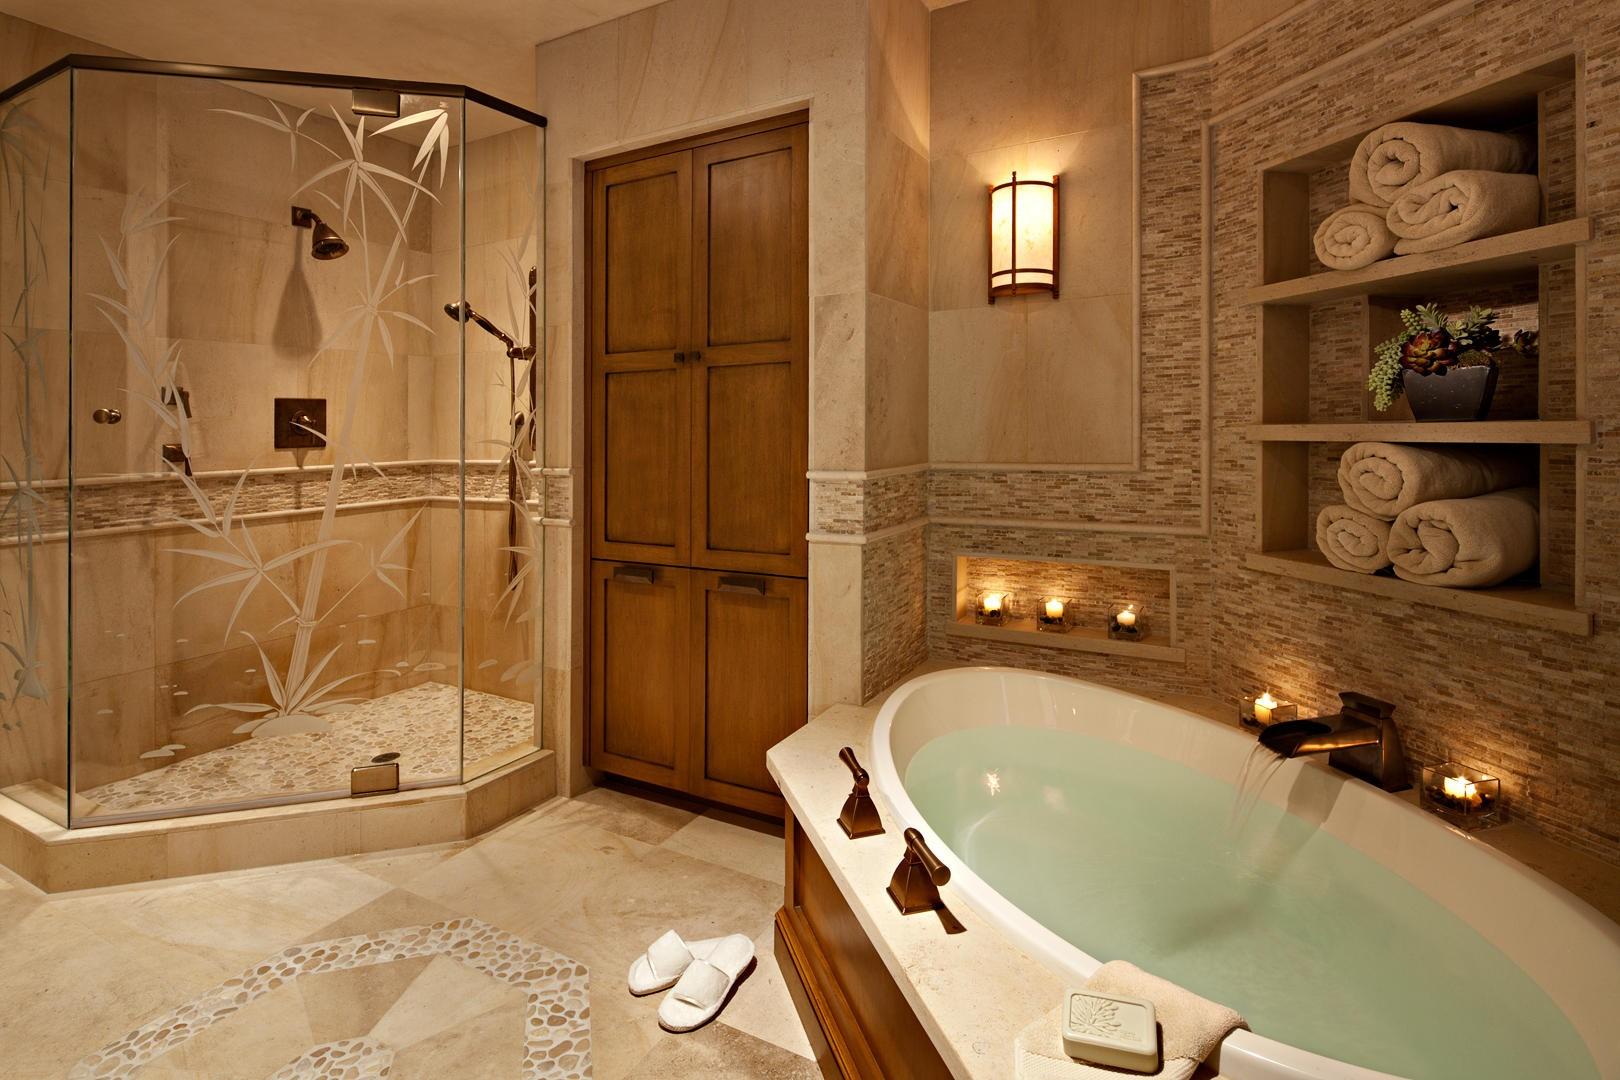 spa bathroom gallery photo - 1